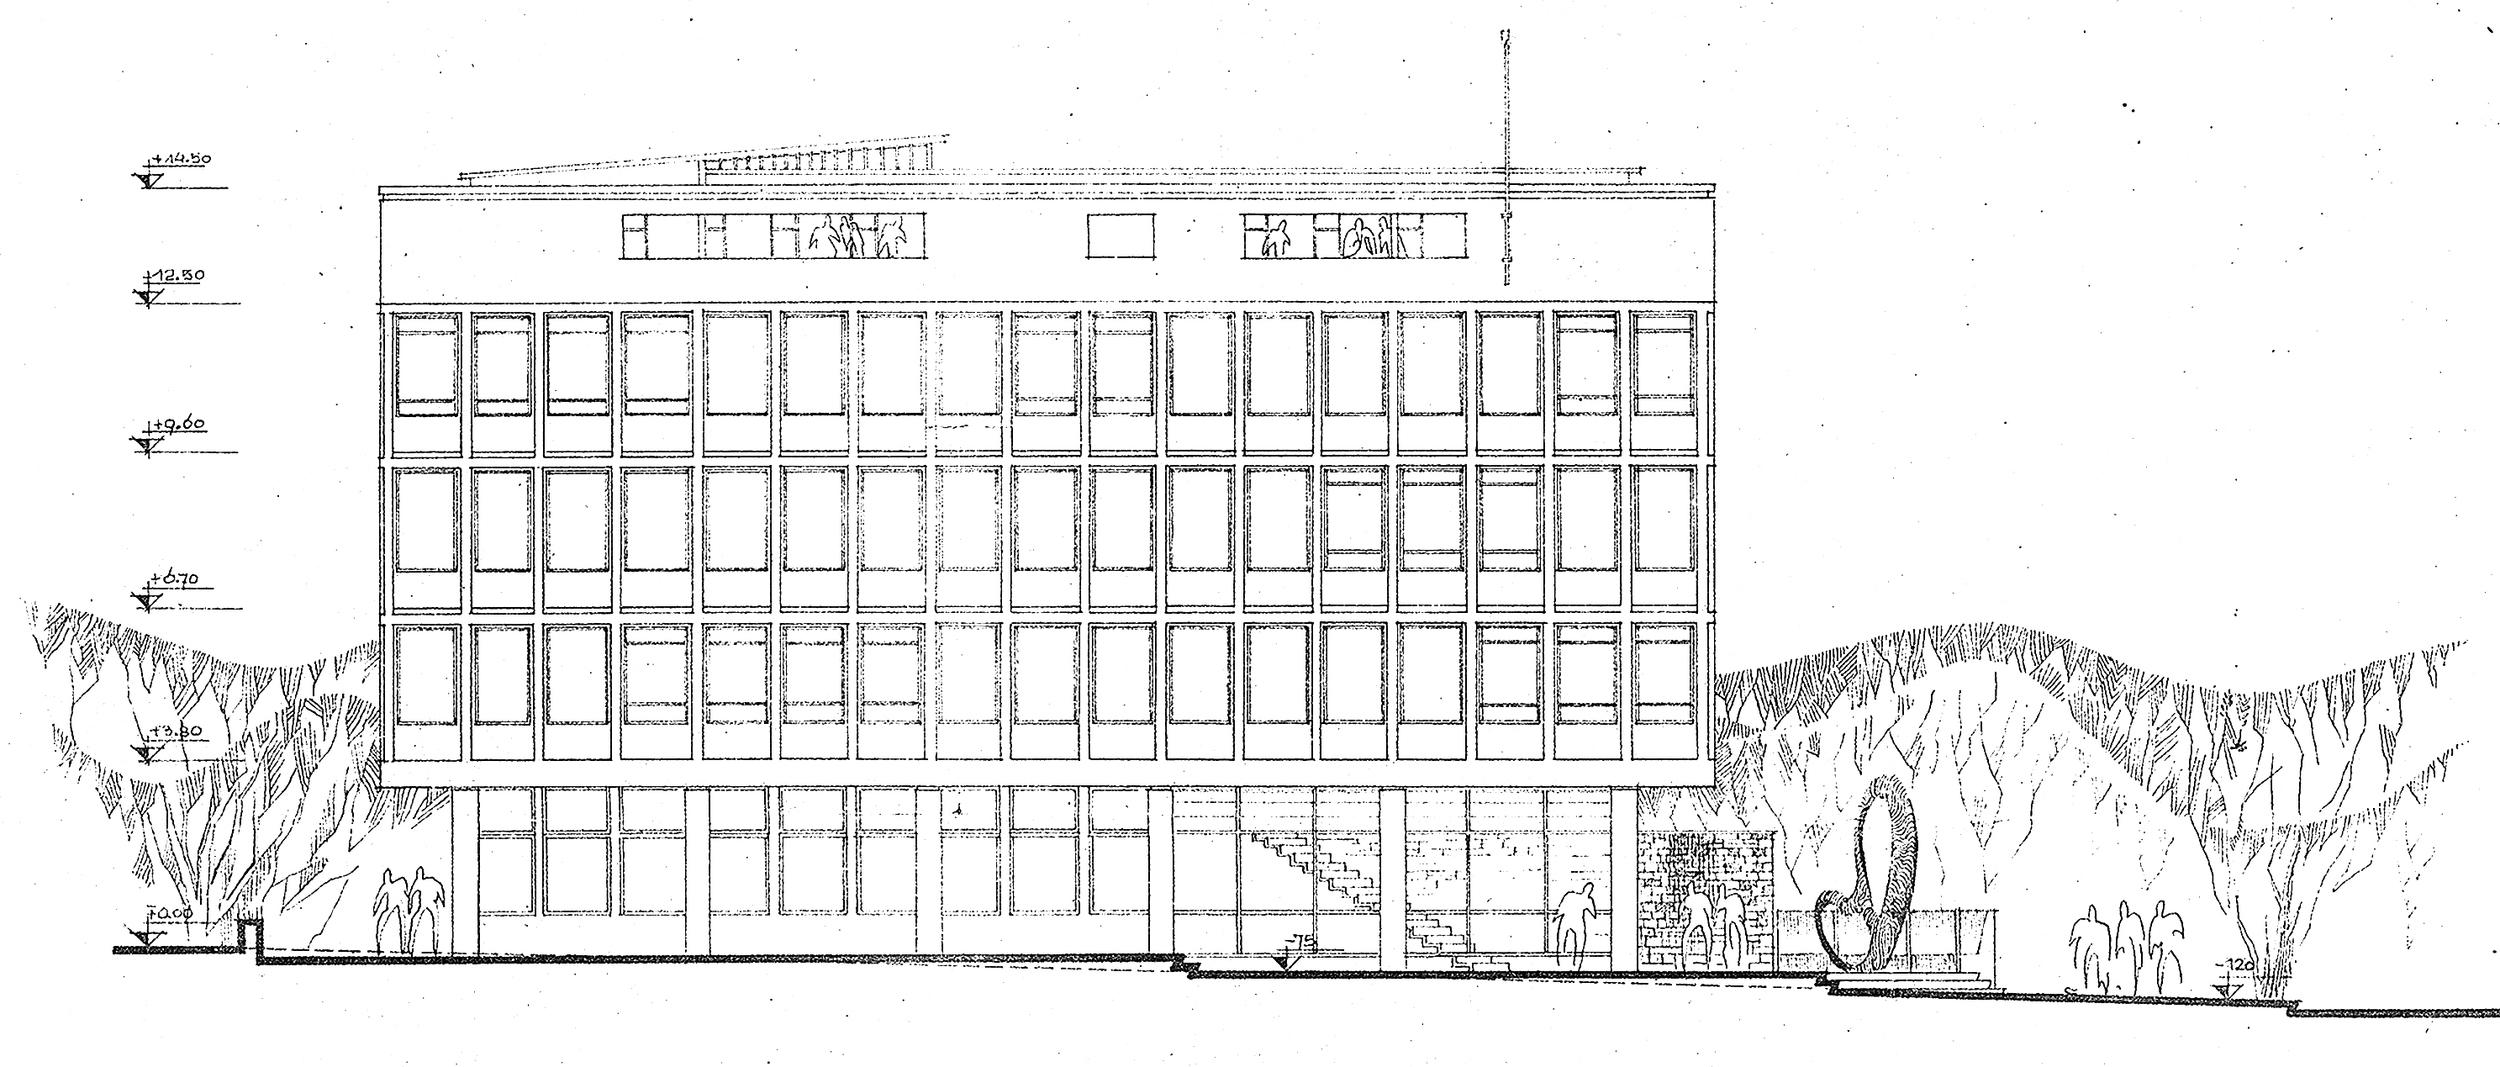 Şekil 3: EİE Fevzi Çakmak Caddesi Cephesi [Kaynak: Büyükşehir Belediyesi İmar Daire Başkanlığı, 2008]